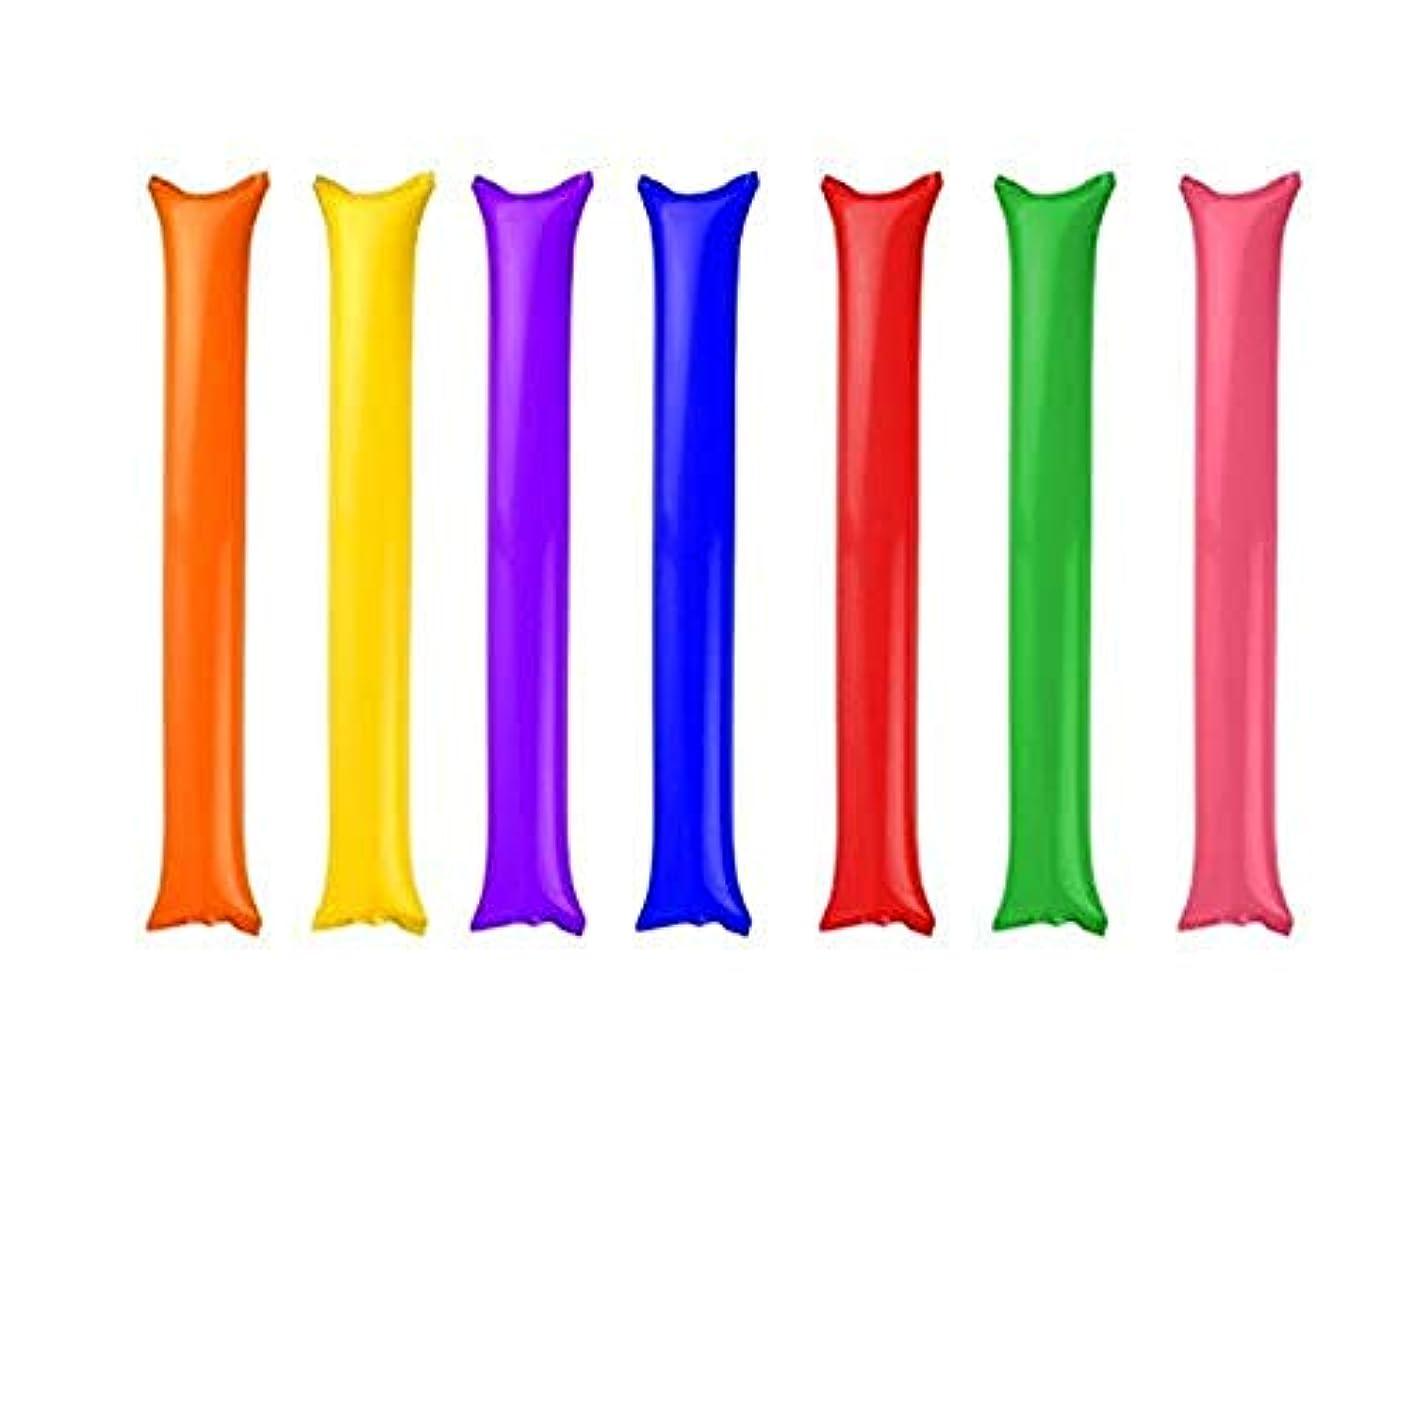 有料ミスペンドミサイルSimg スティックバルーン 16本セット 繰り返し使う可能 応援グッズ 雰囲気を作る ピンク?レッド?グリーン?ブルー?ホワイト?イェロー?オレンジ?パープル